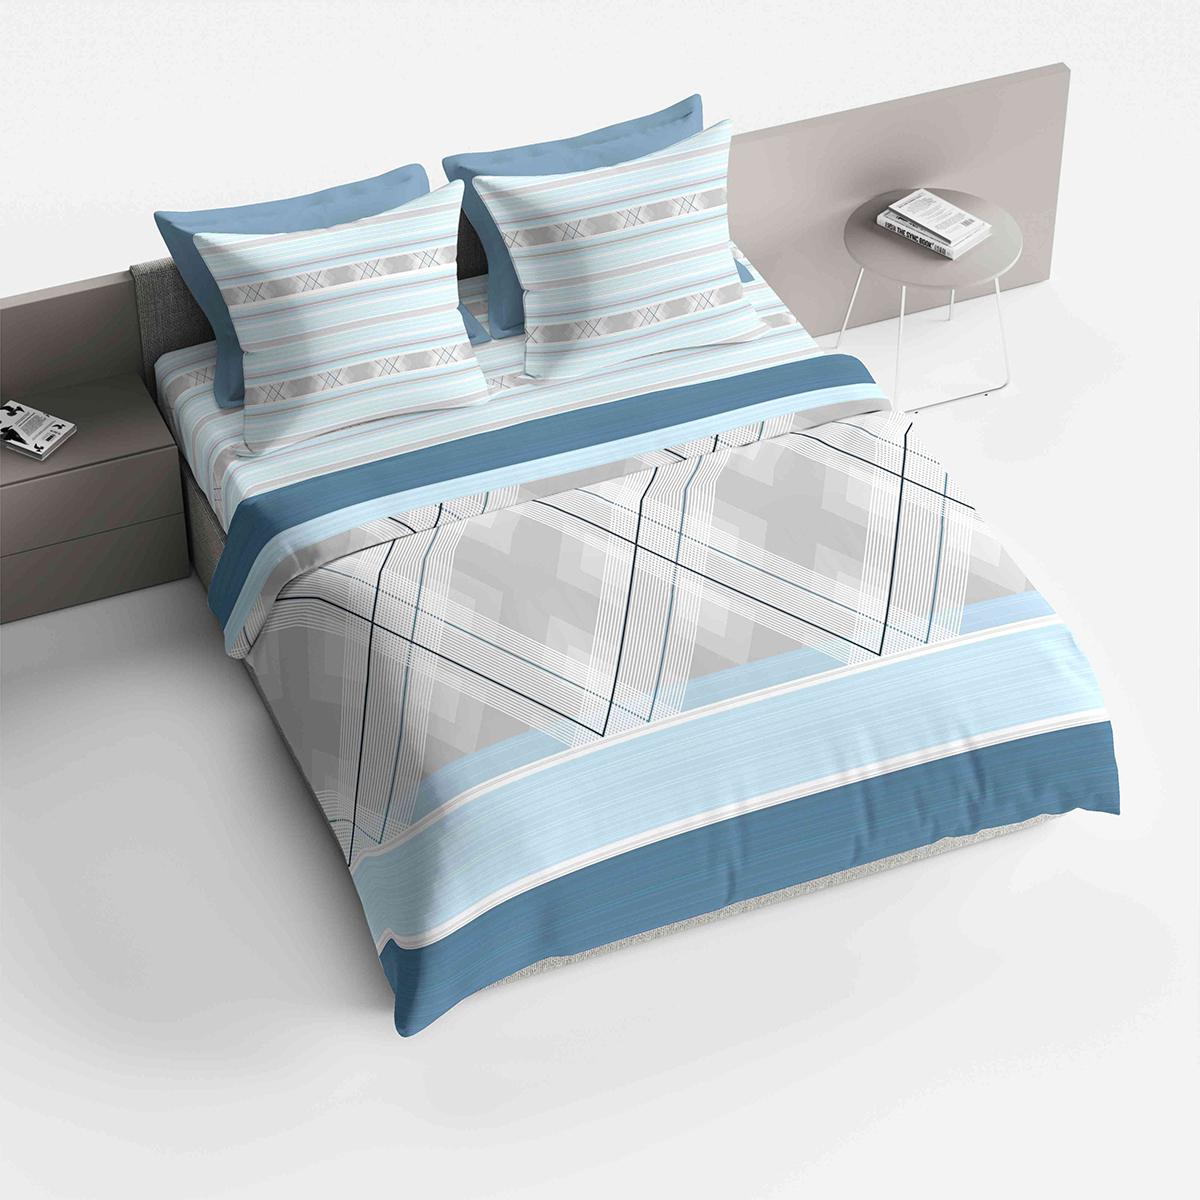 Фото - Комплект белья Браво Лоренцо, 2-спальный, наволочки 70х70, цвет: голубой постельное белье этель кружева комплект 2 спальный поплин 2670978